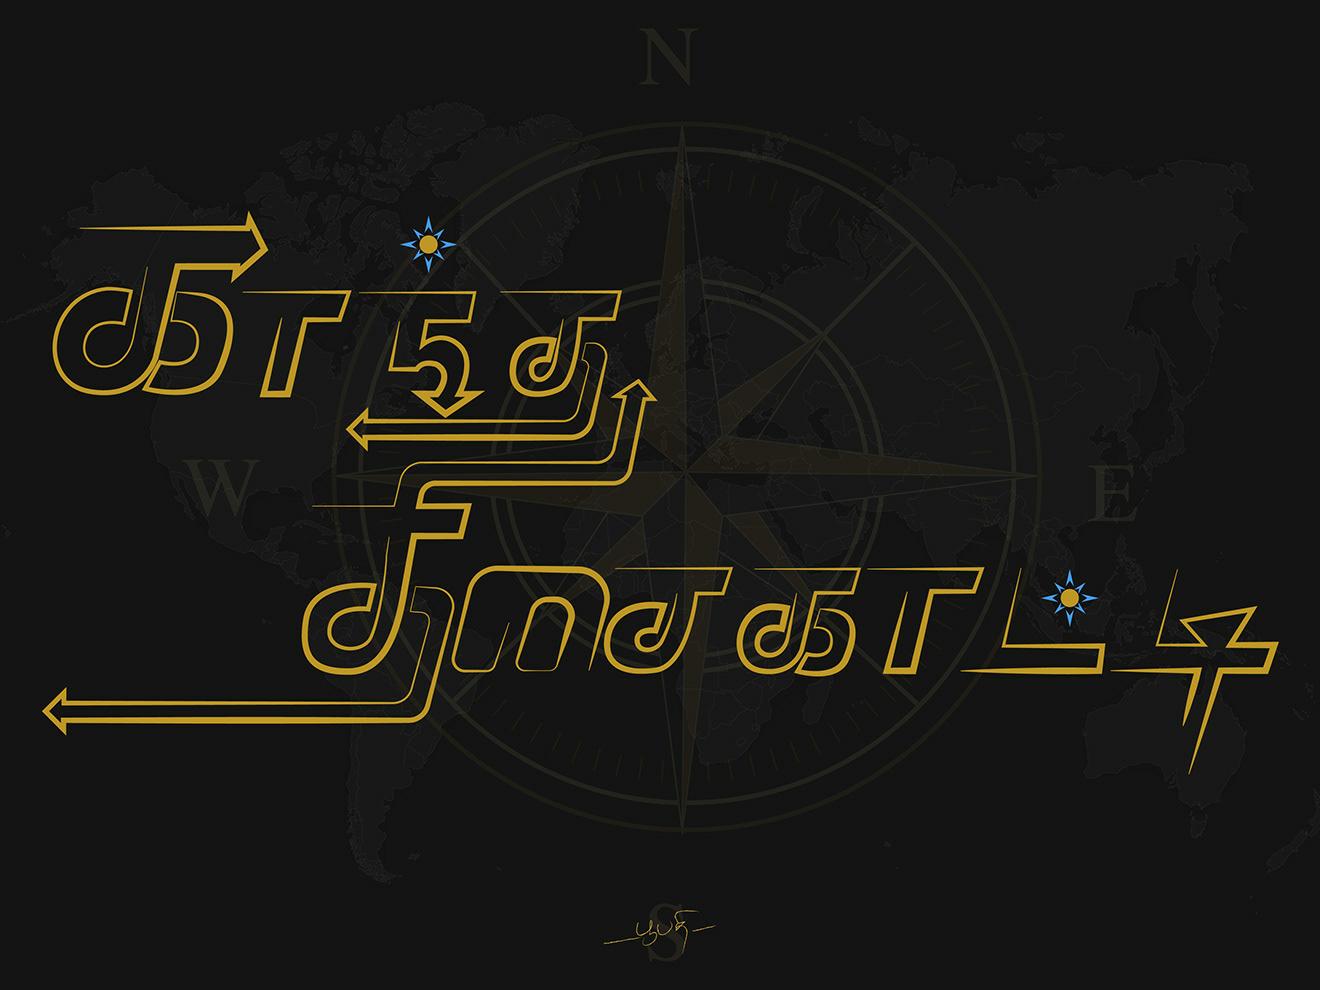 காந்த திசைகாட்டி (Magnetic compass) magnetic compass compass typo tamil typography illustration typogaphy tamil